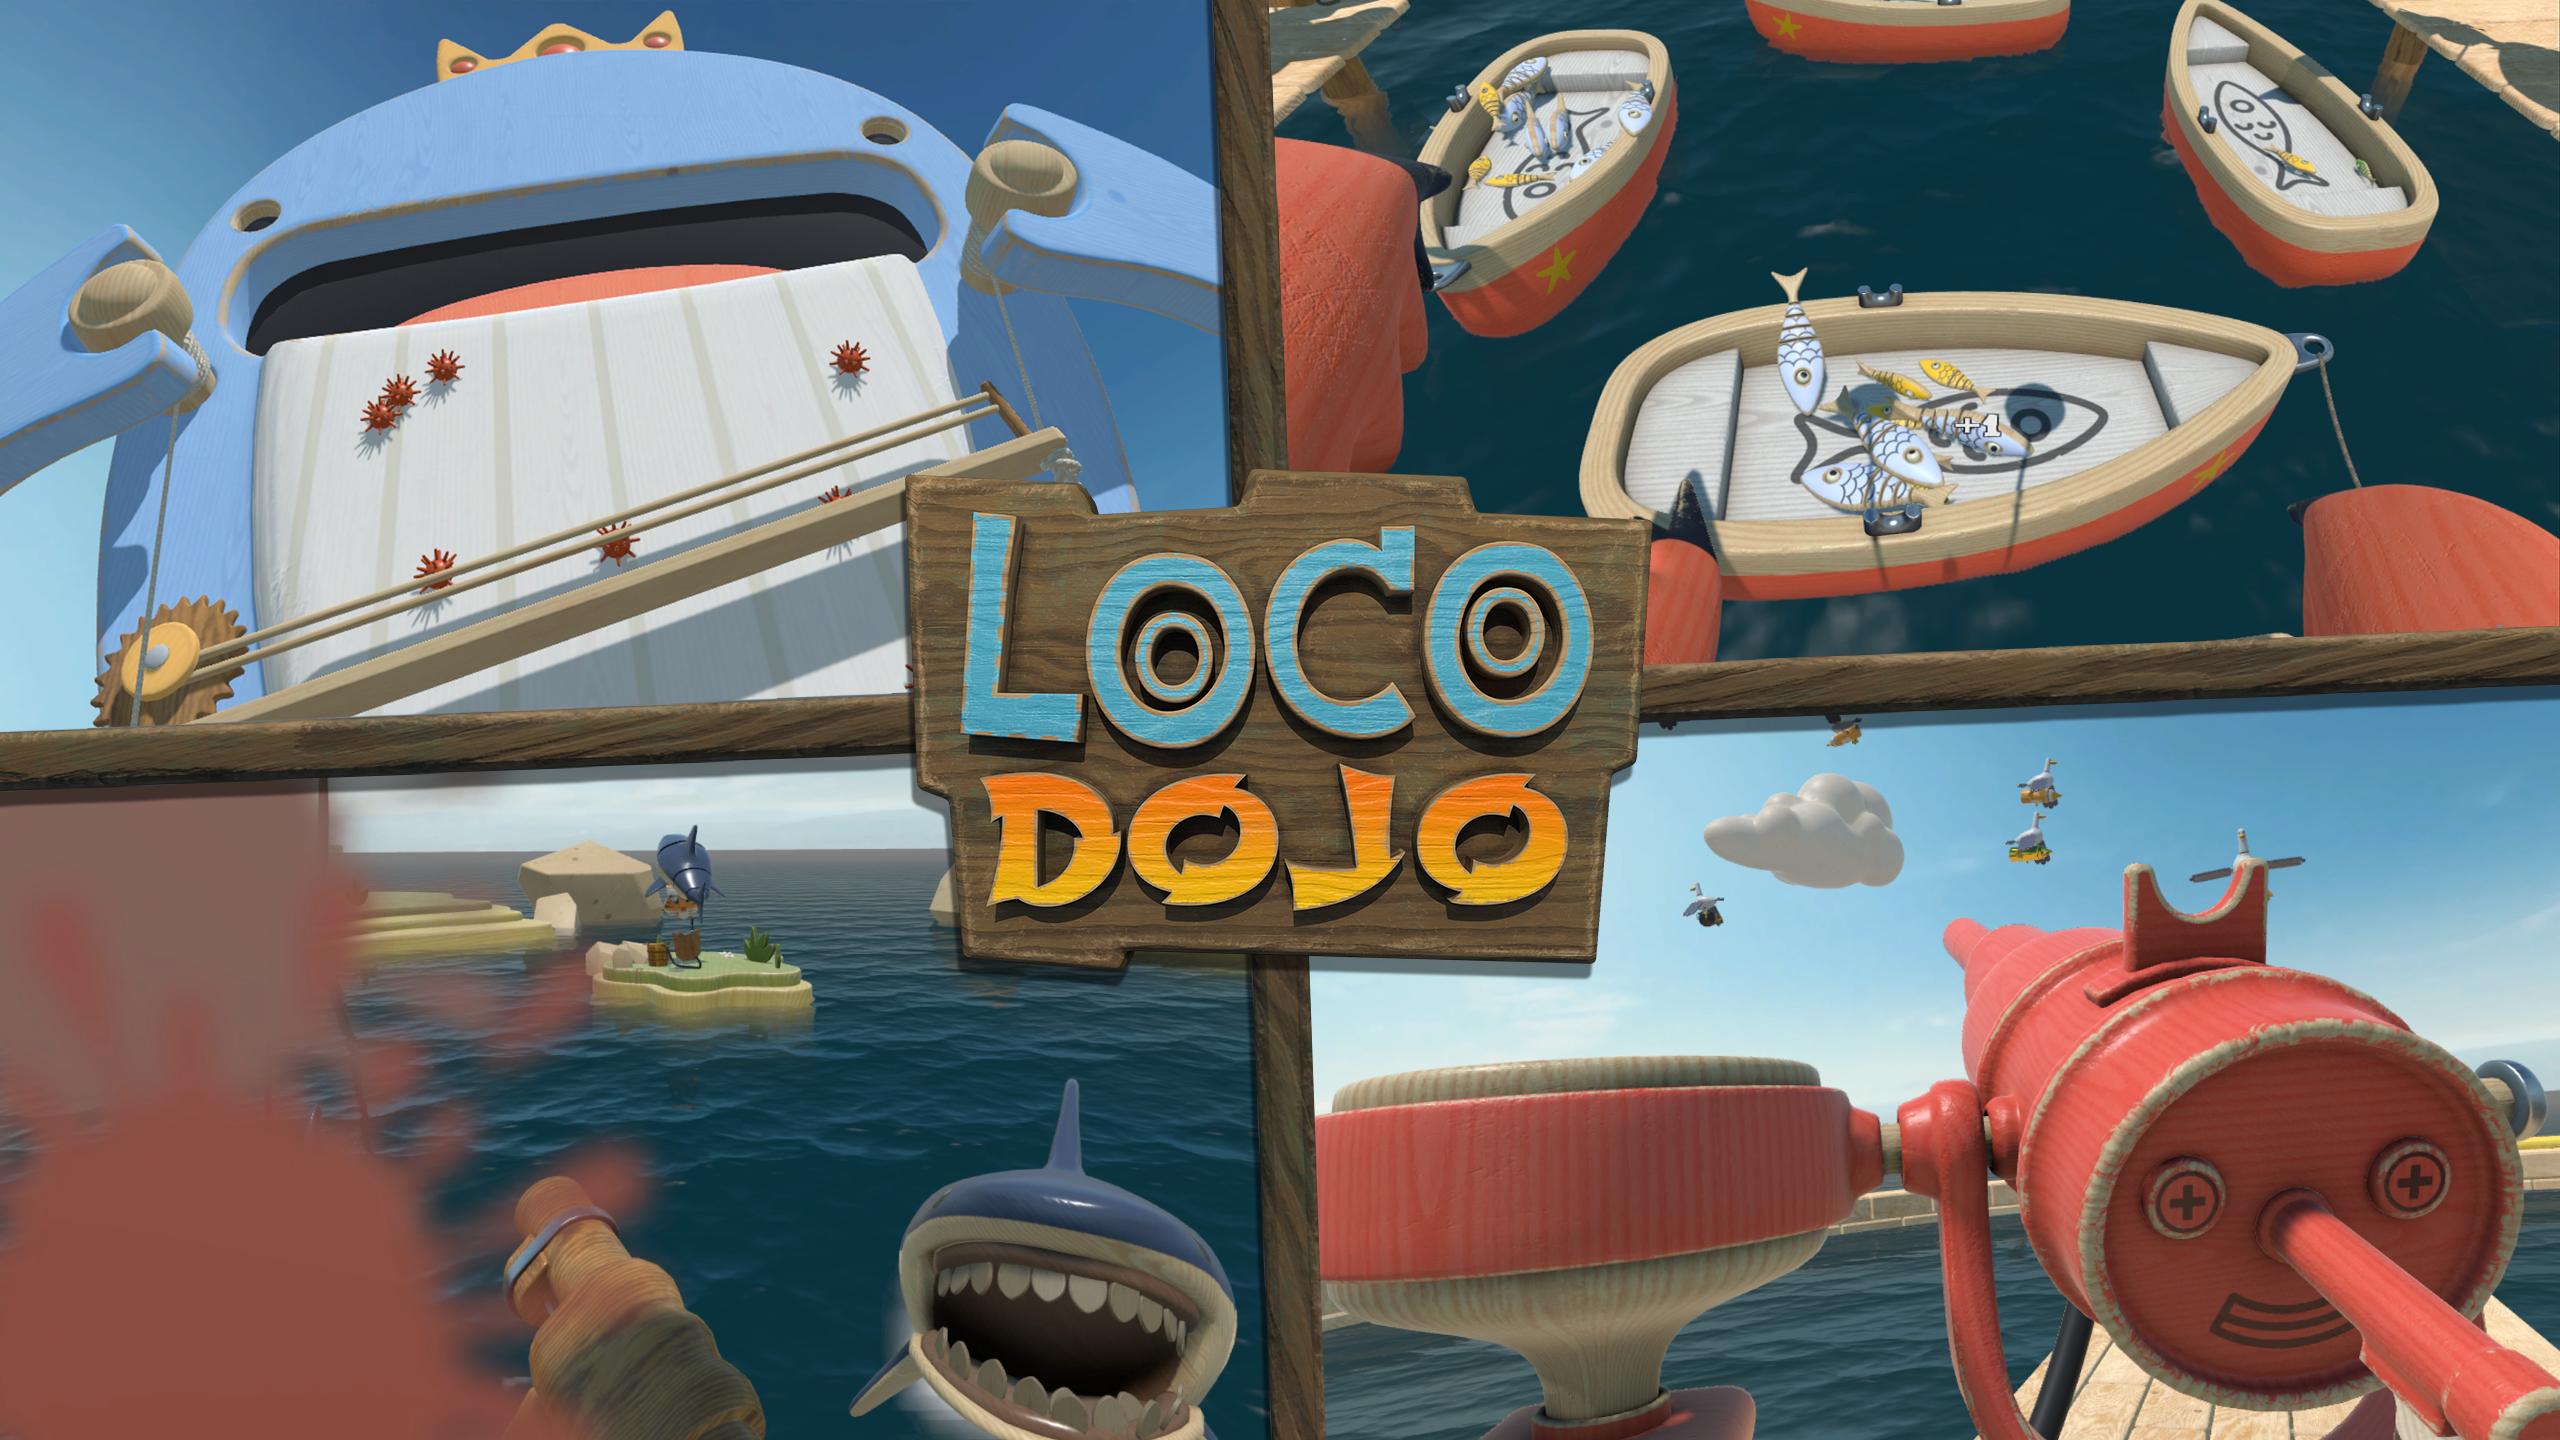 4_LocoDojoScreenshot_Seaside.png